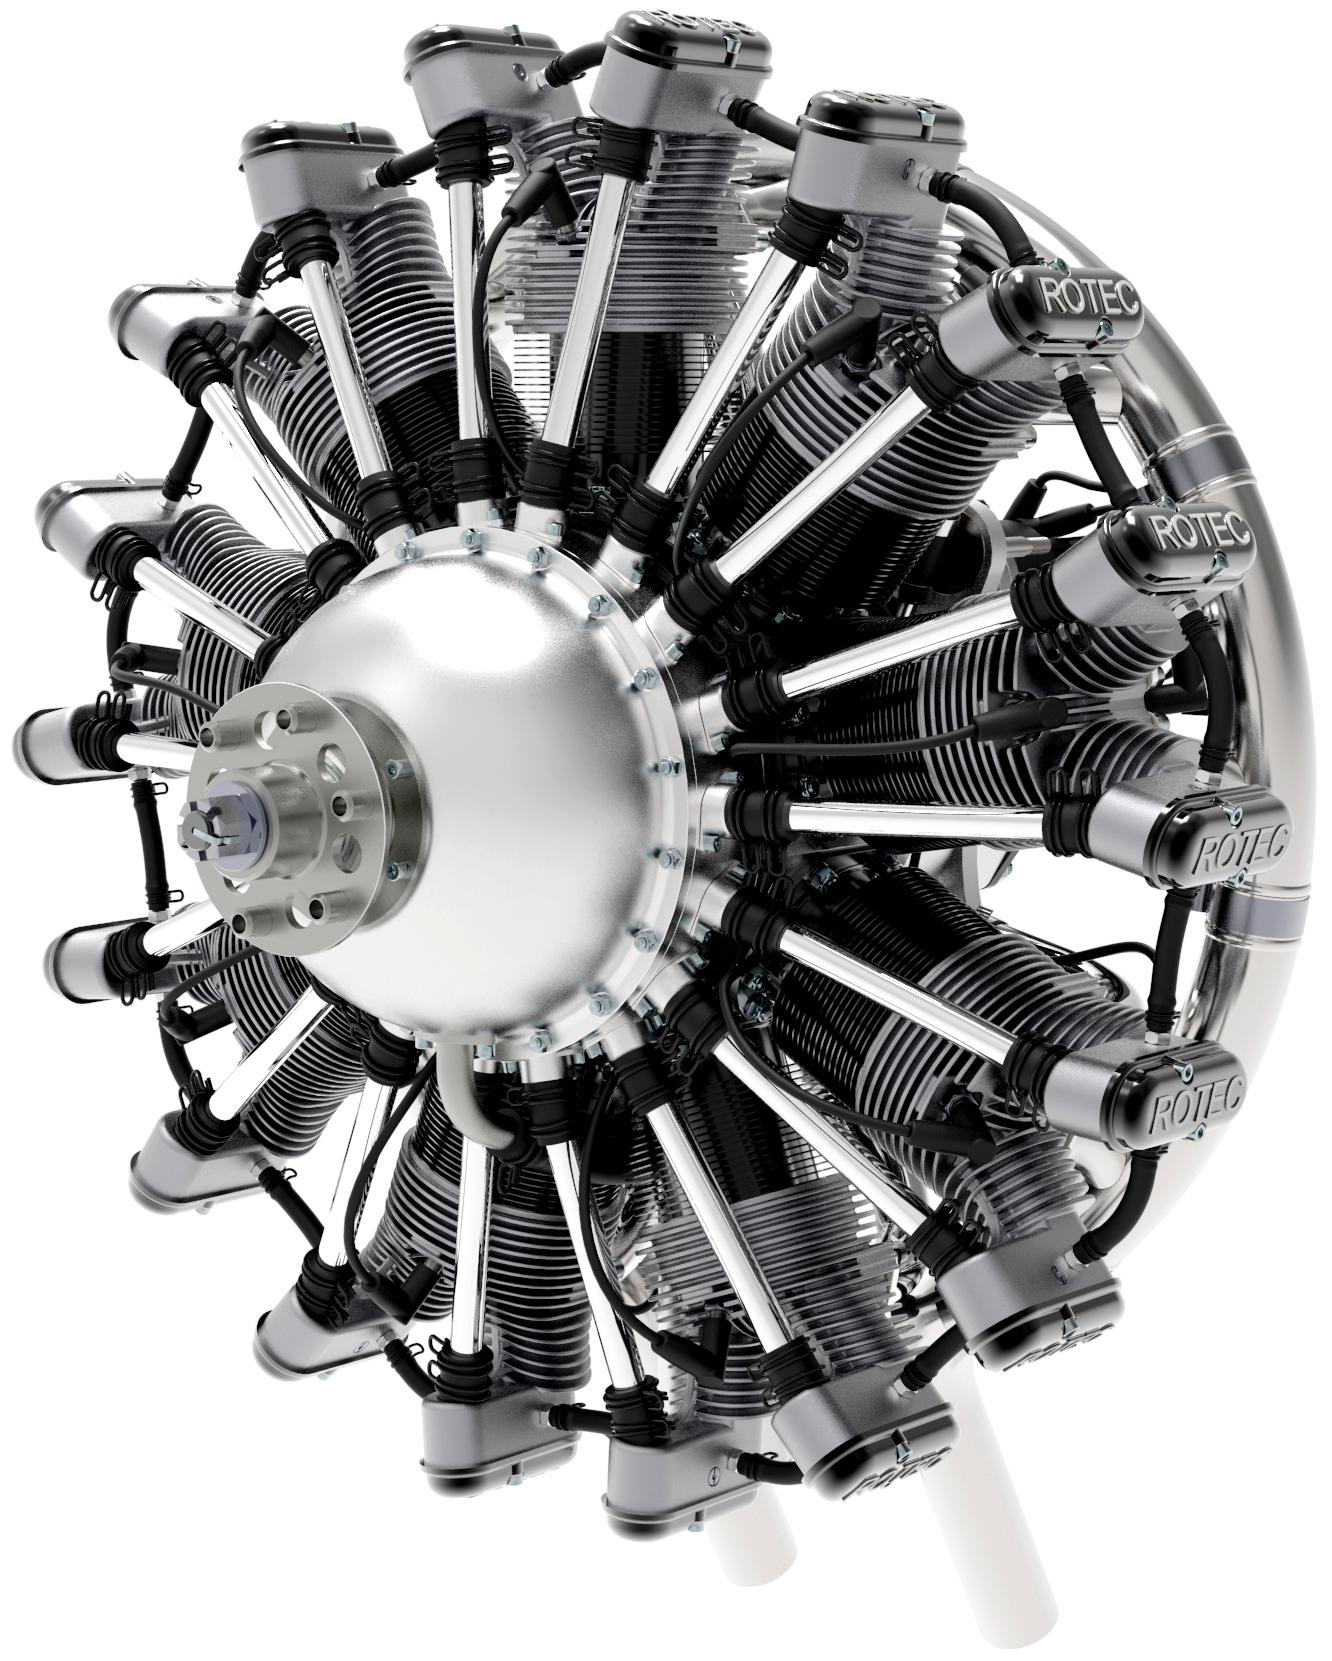 Radial Engine Renderings | Dan Cabral - Product Design Engineer